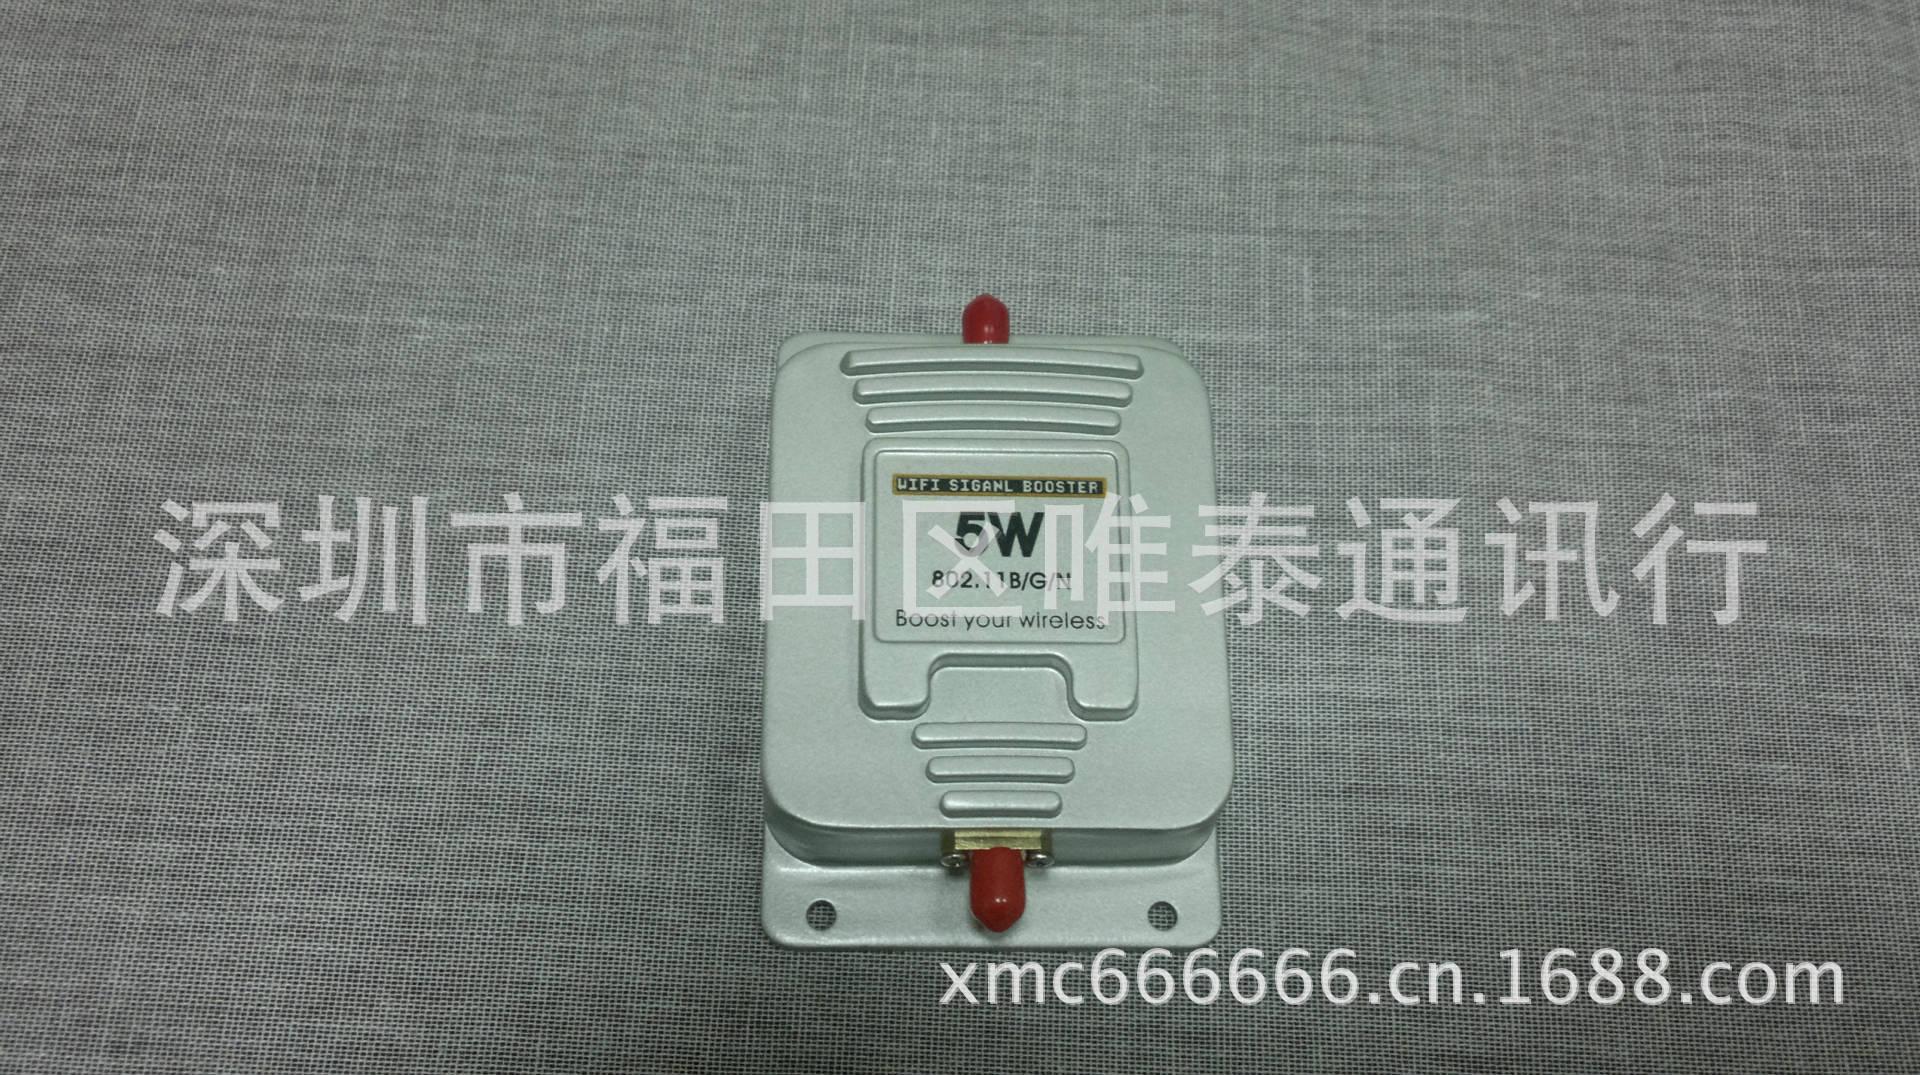 无线网卡 无线WIFI信号放大器 大功率放大器5W,无线信号增强器 图片